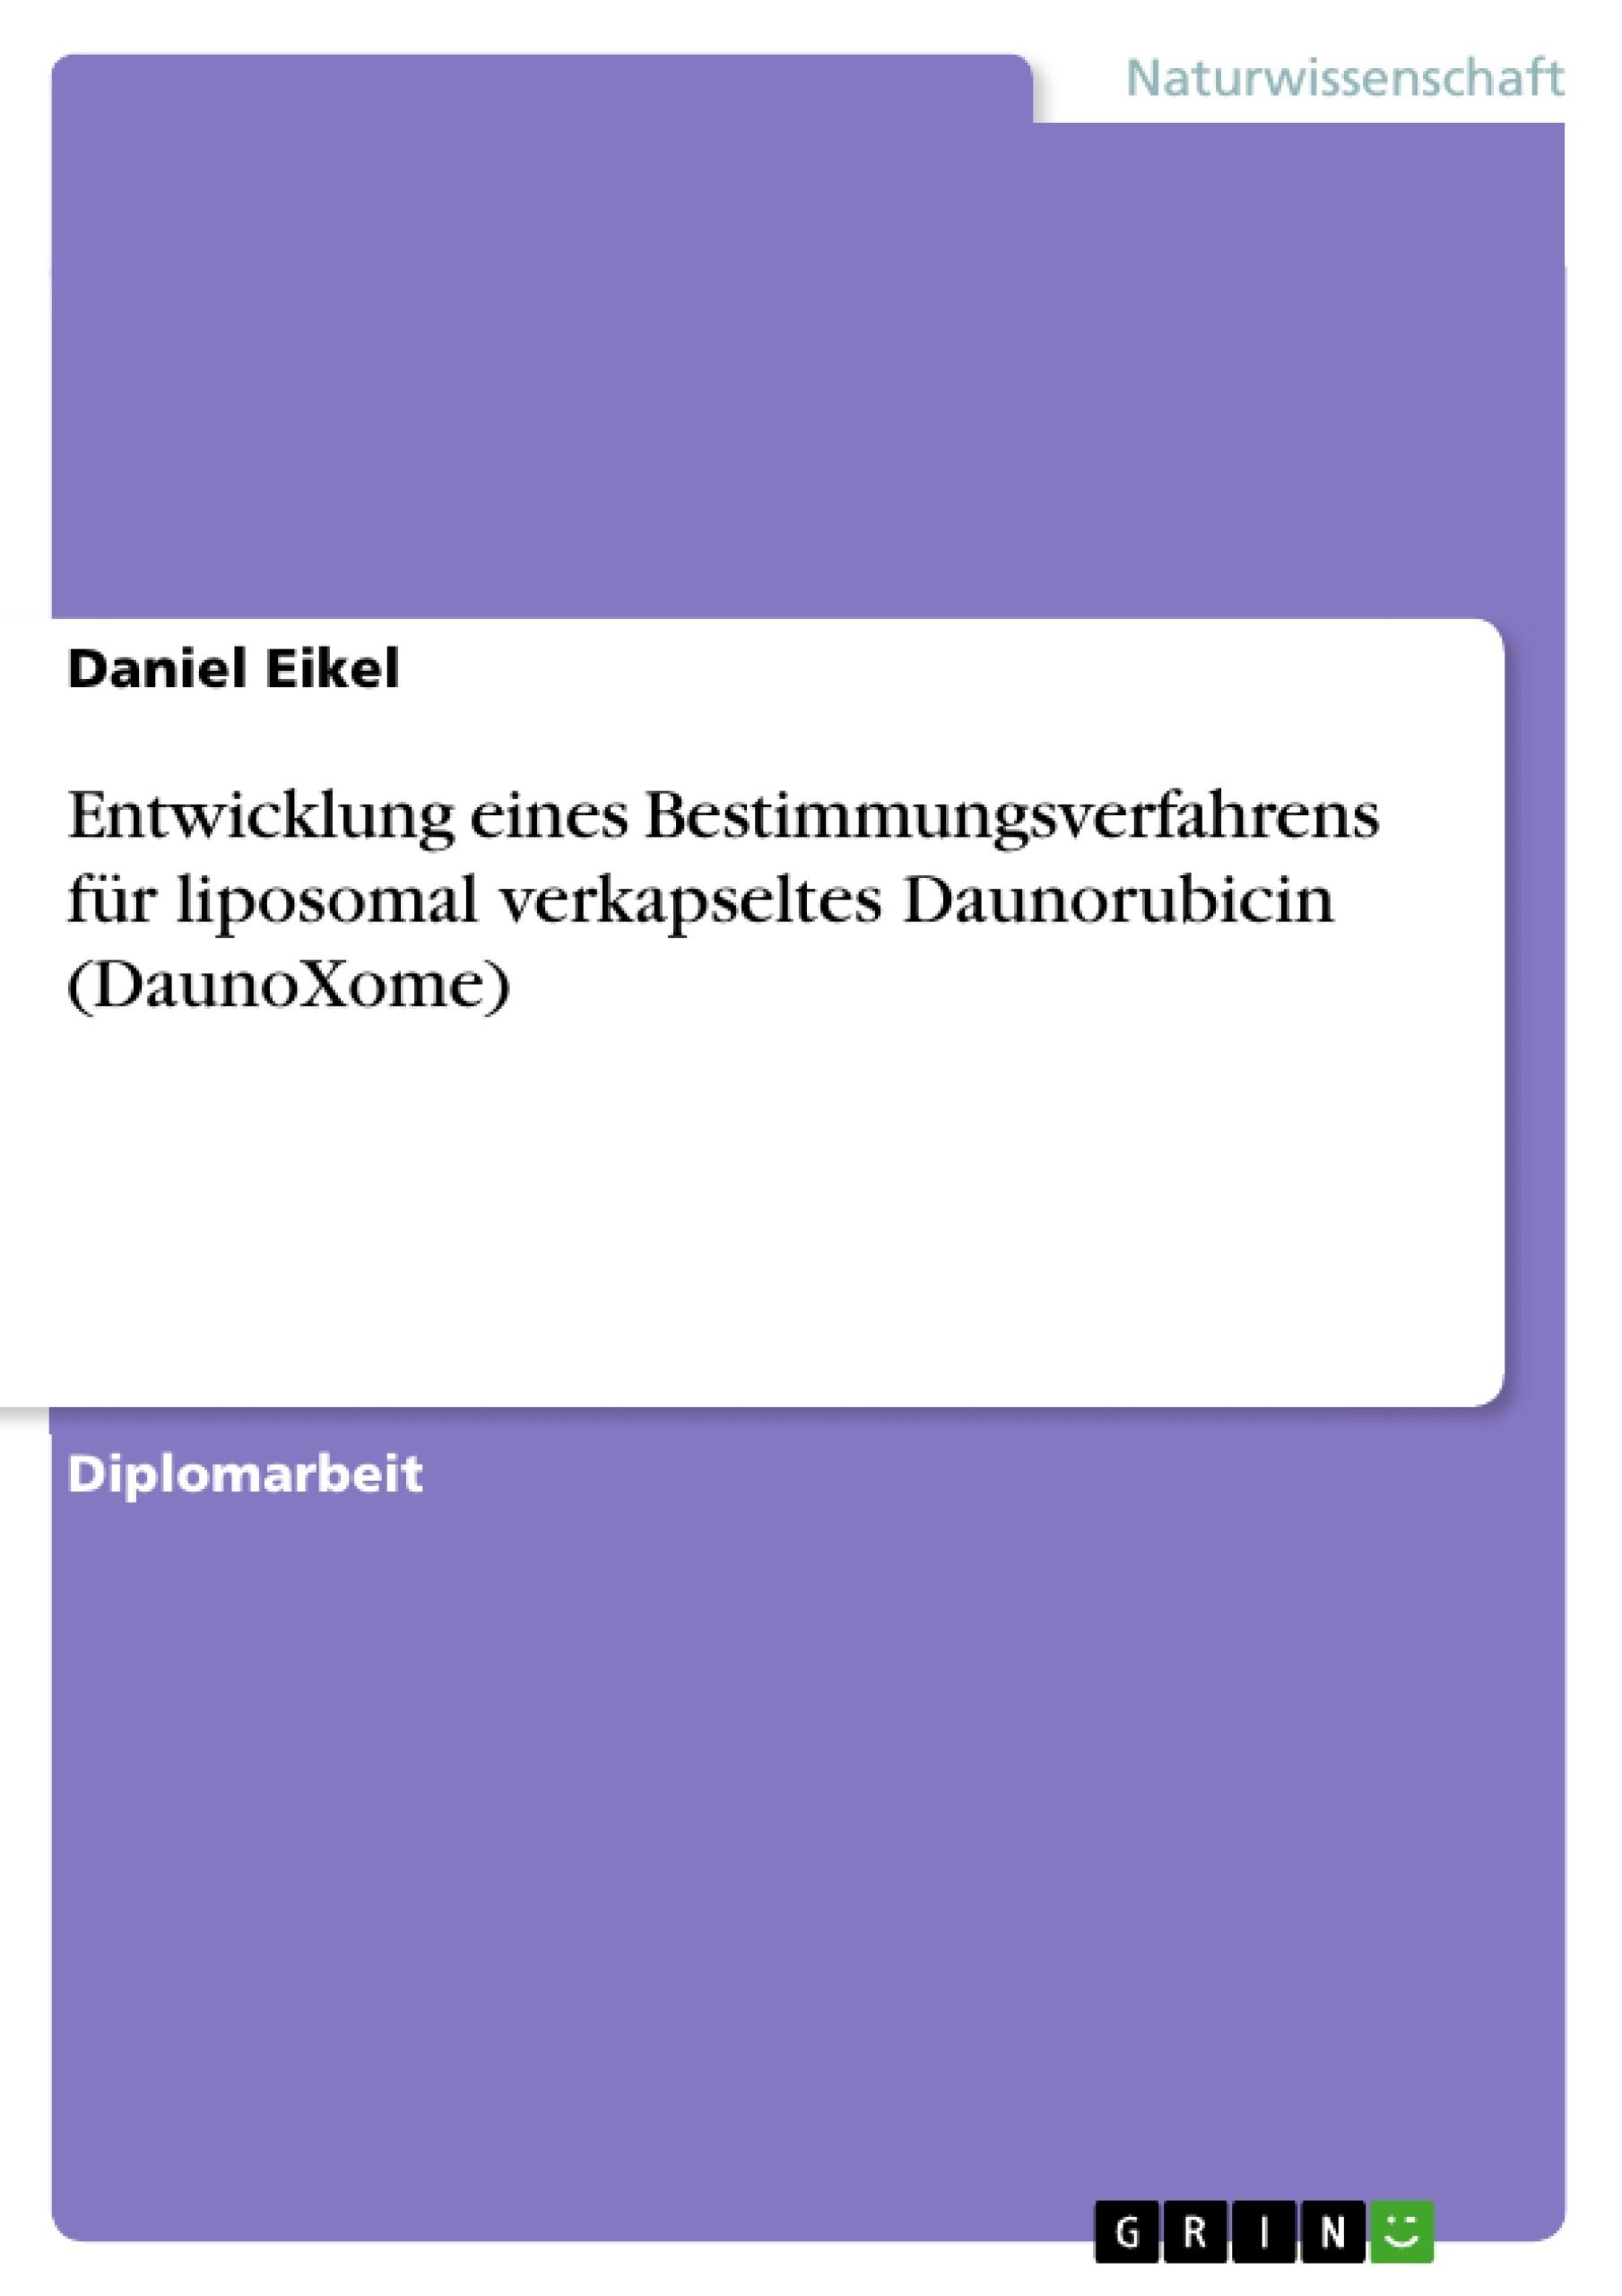 Titel: Entwicklung eines Bestimmungsverfahrens für liposomal verkapseltes Daunorubicin (DaunoXome)